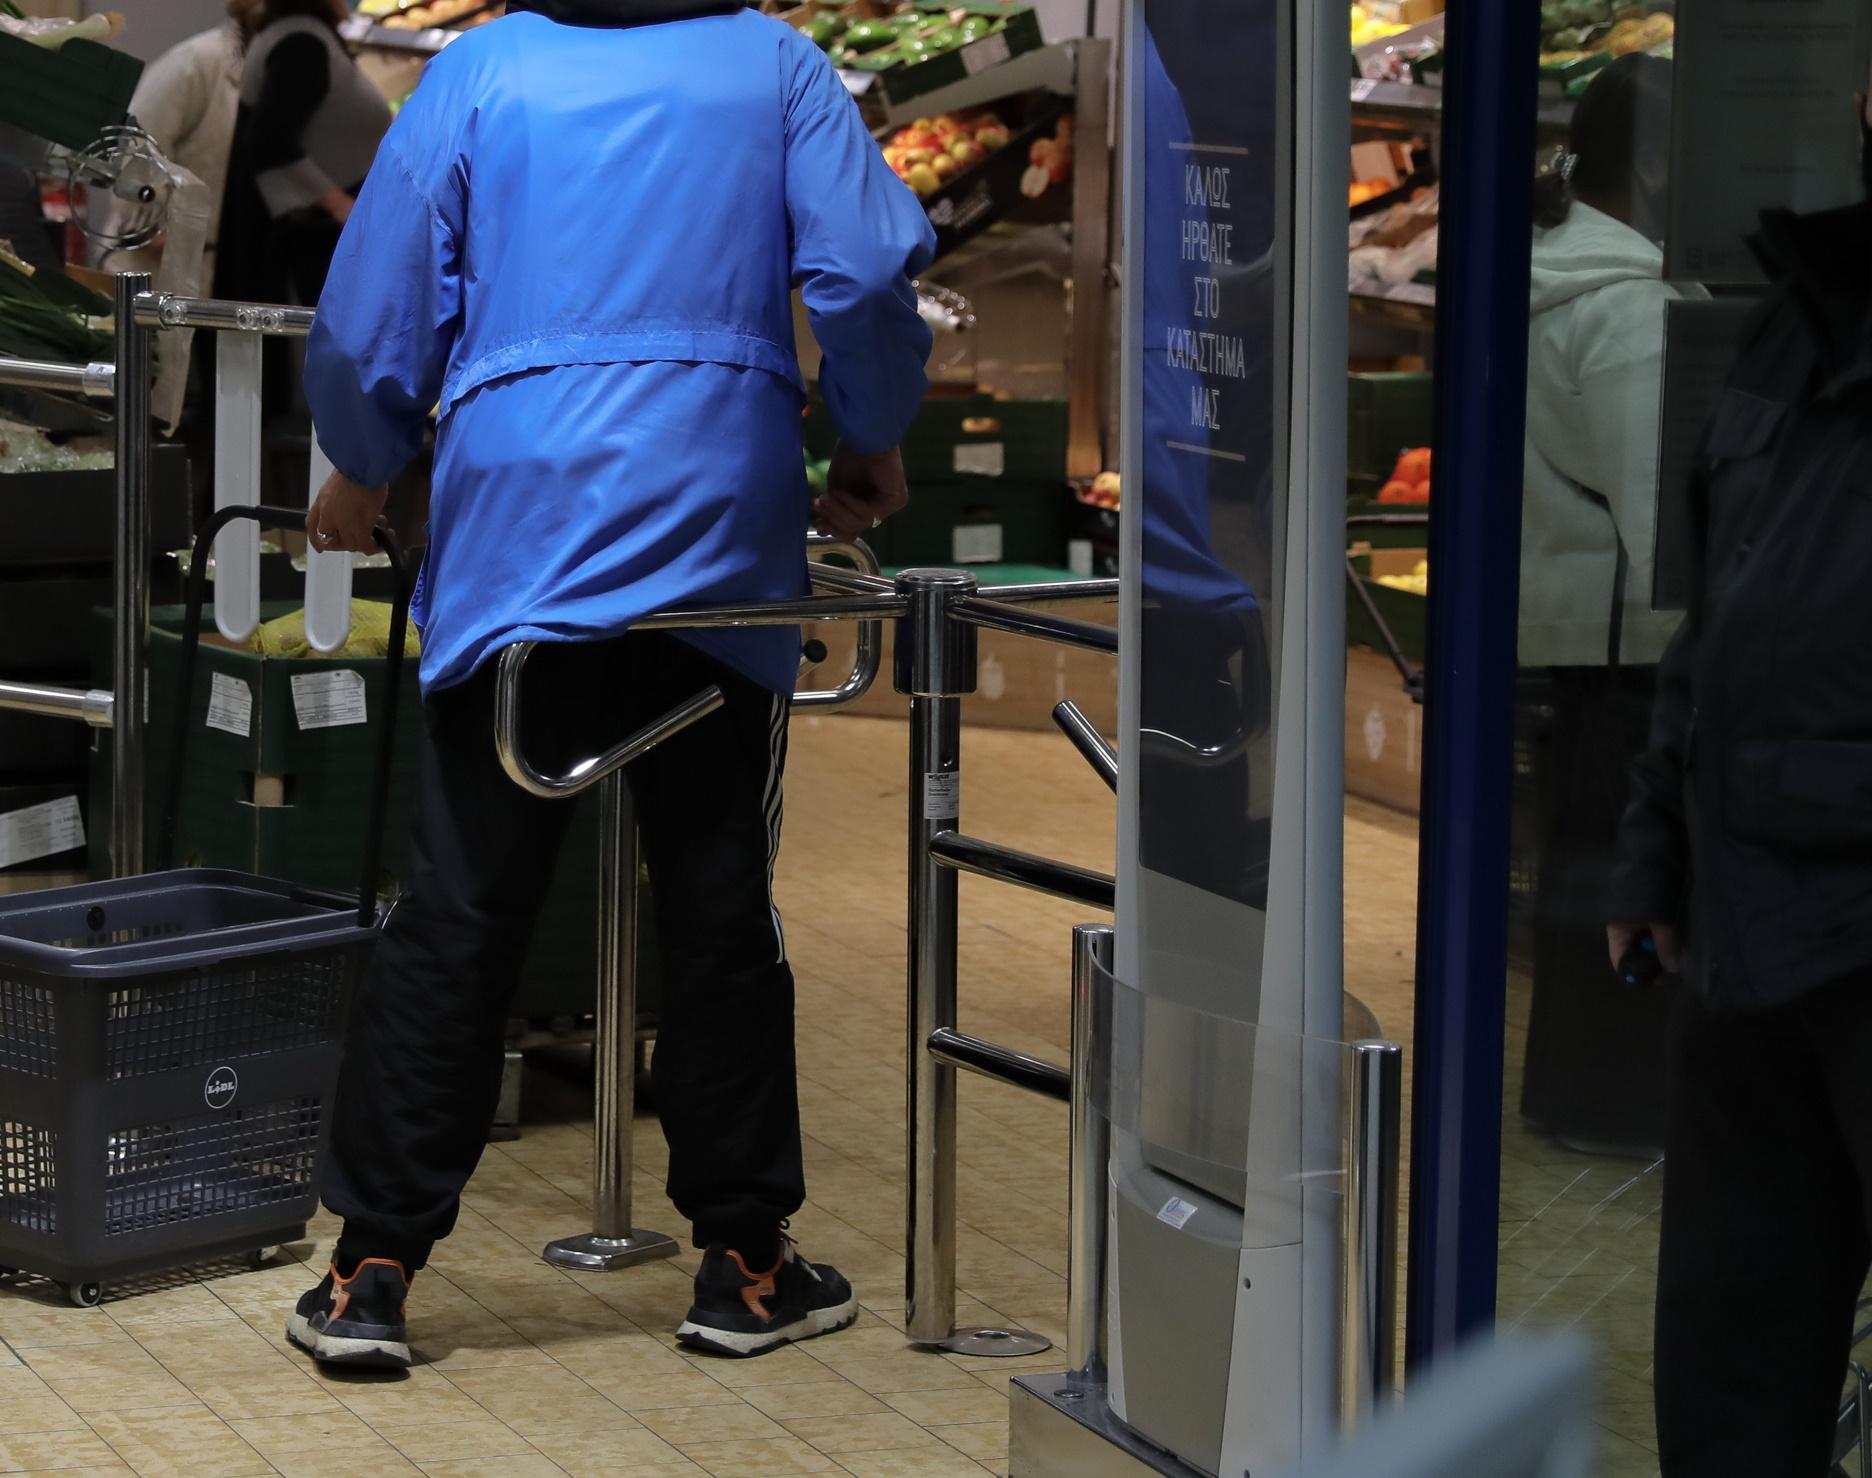 Αυτά αγόρασαν οι Έλληνες την πρώτη εβδομάδα του lockdown – Αύξηση πωλήσεων 17,1% στα σούπερ μάρκετ